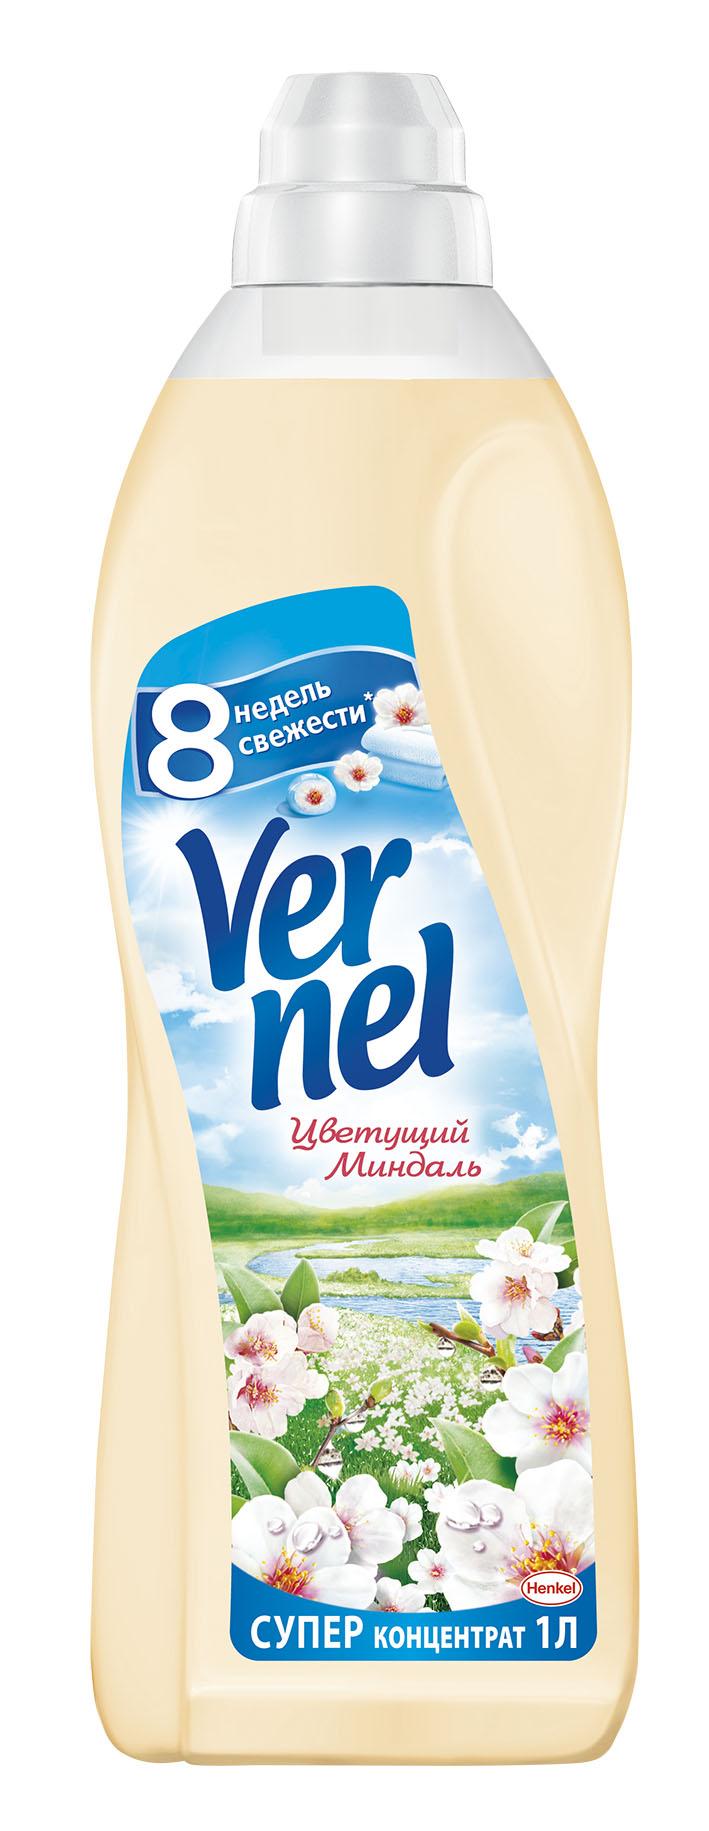 Кондиционер для белья Vernel Цветущий Миндаль 1 л934811С новой Классической линейкой Vernel свежесть белья длится до 8 недель. Новая формула Vernel обогащена аромакапсулами, которые обеспечивают длительную свежесть. Более того, кондиционеры для белья Vernel придают белью невероятную мягкость, такую же приятную, как и ее запах. Свойства кондиционера для белья Vernel: 1. Придает мягкость 2. Придает приятный аромат 3. Обладает антистатическим эффектом 4. Облегчает глажение До 8 недель свежести при условии хранения белья без использования благодаря аромакапсулам Состав: Состав: 5-15% катионные ПАВ; Товар сертифицирован.